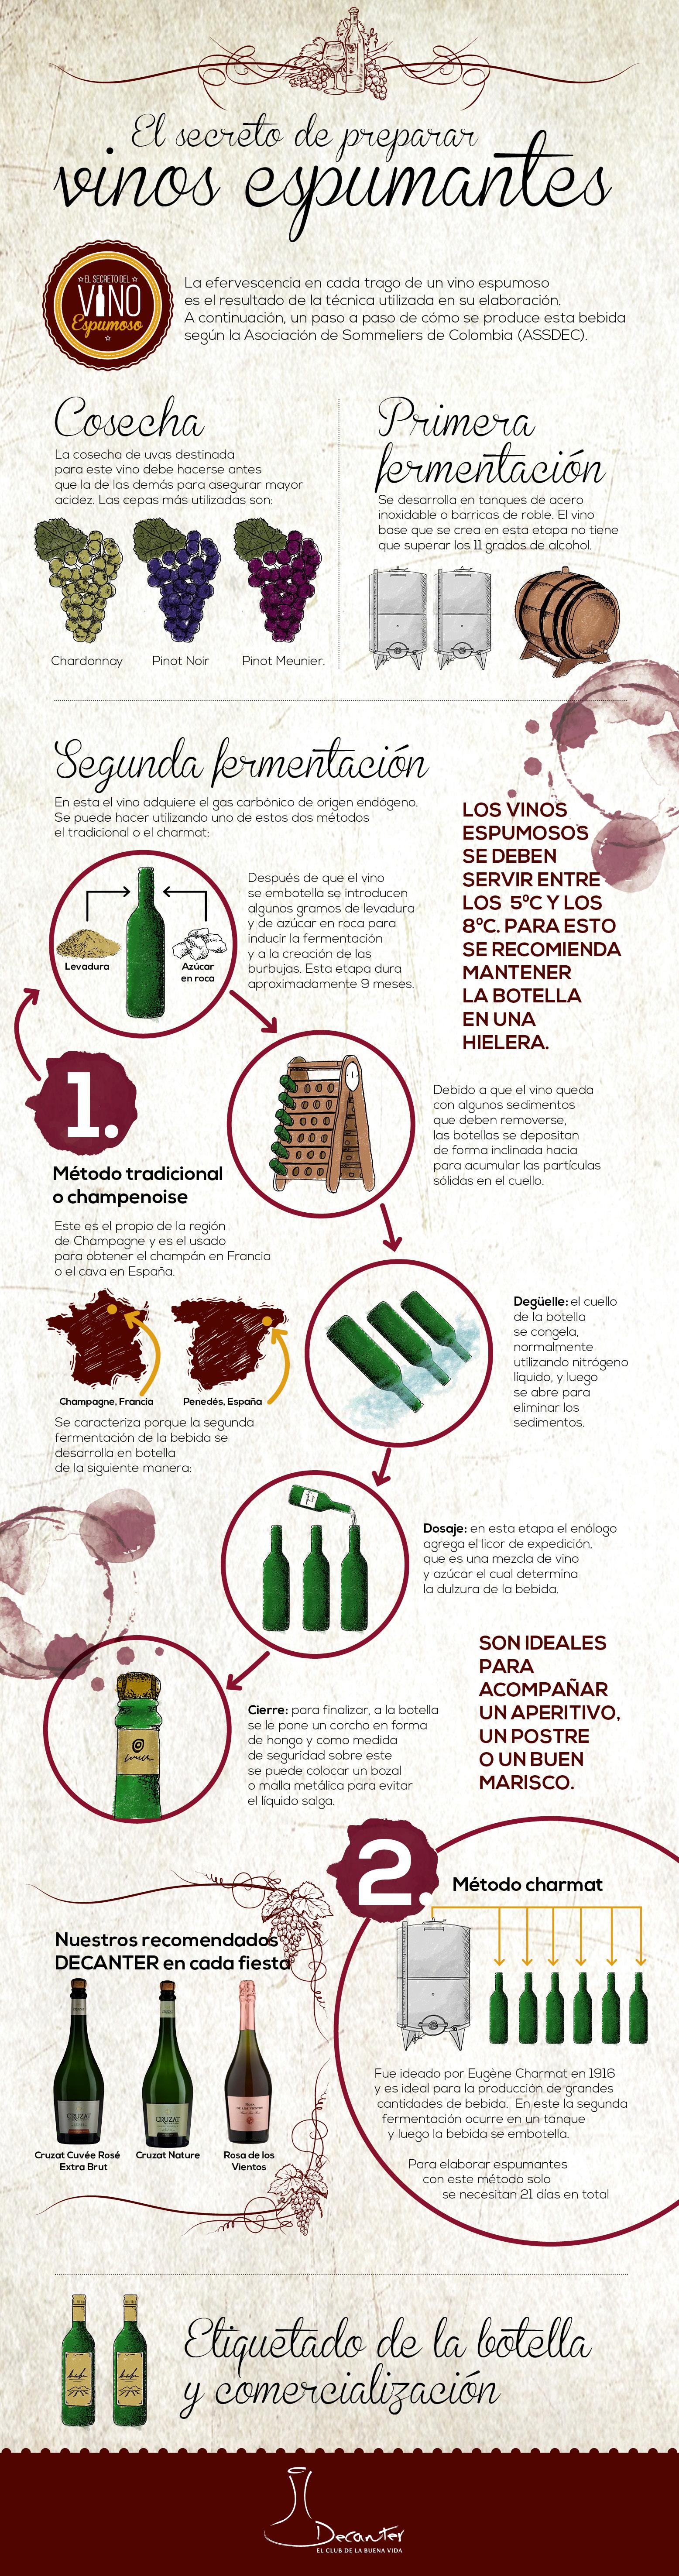 vinos espumosos